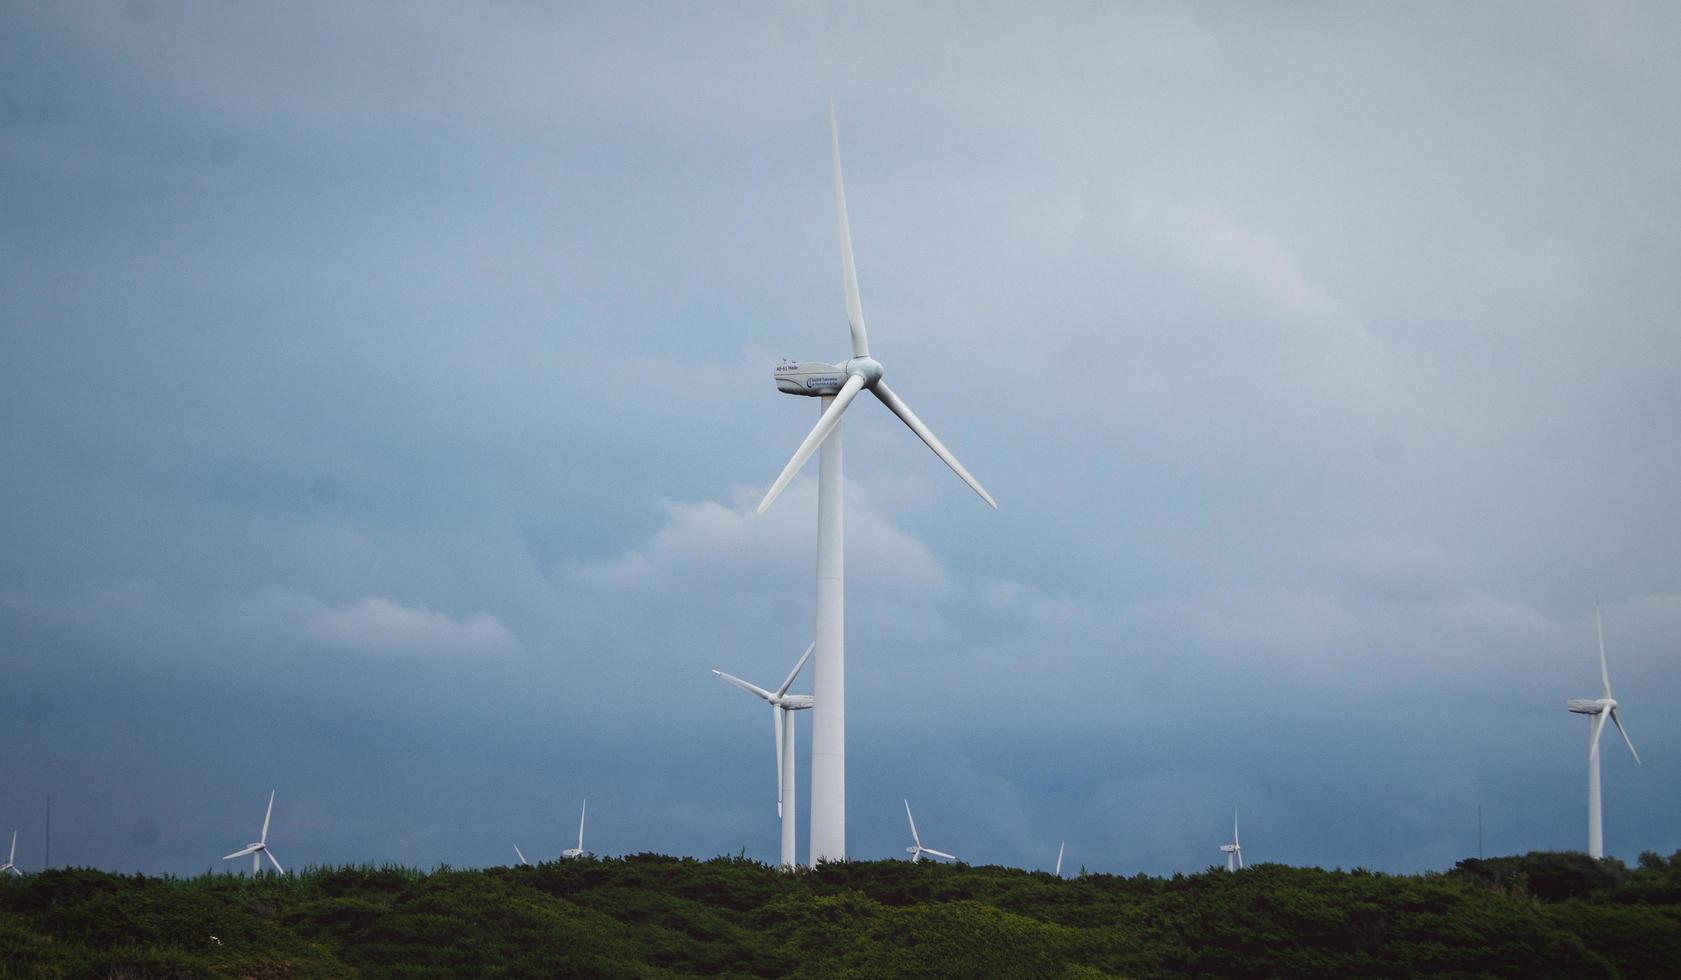 Tunisie, Afrique du Nord, 2020 - Champ d'éoliennes par temps nuageux photo